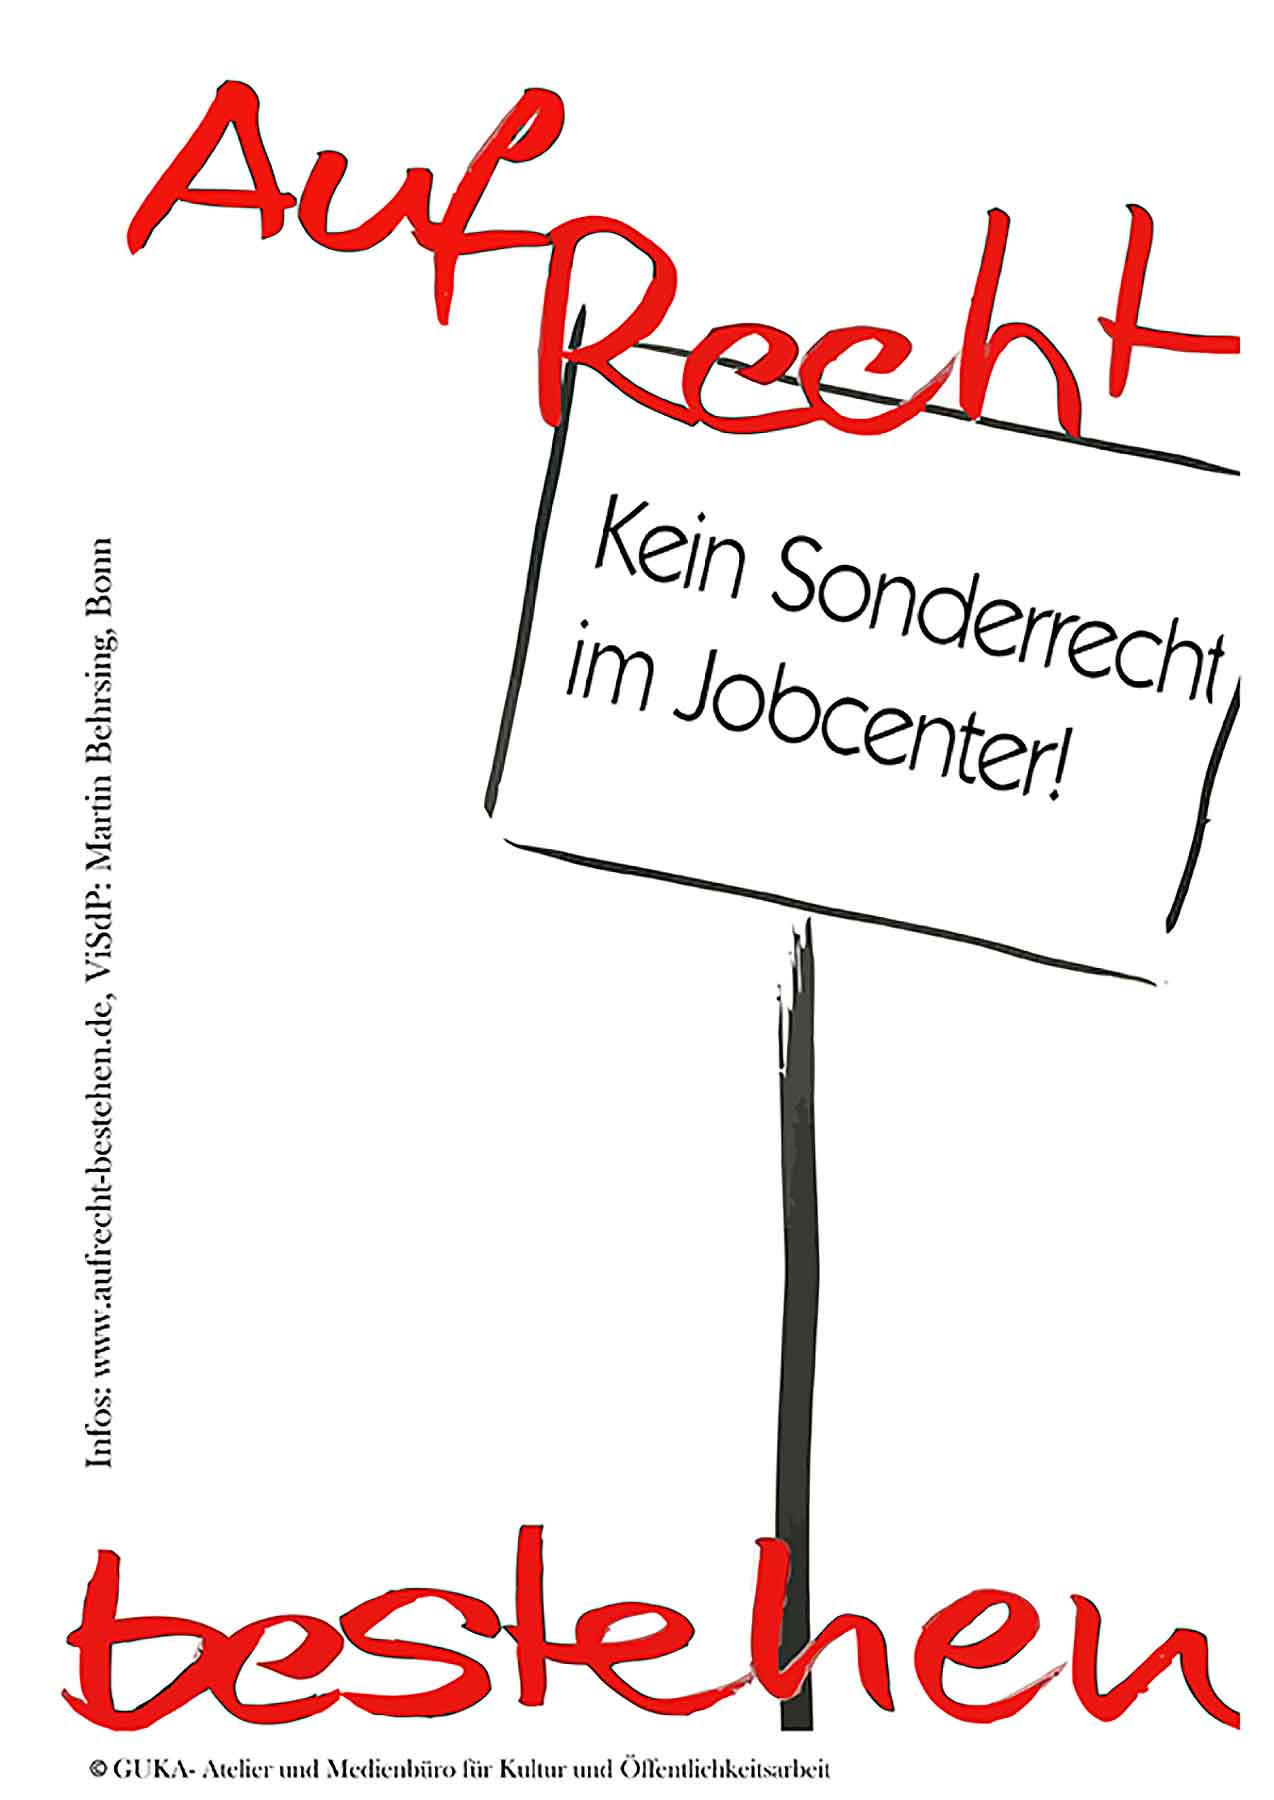 Bundesweiter Aktionstag gegen geplante Verschärfungen bei Hartz IV am 2. Oktober